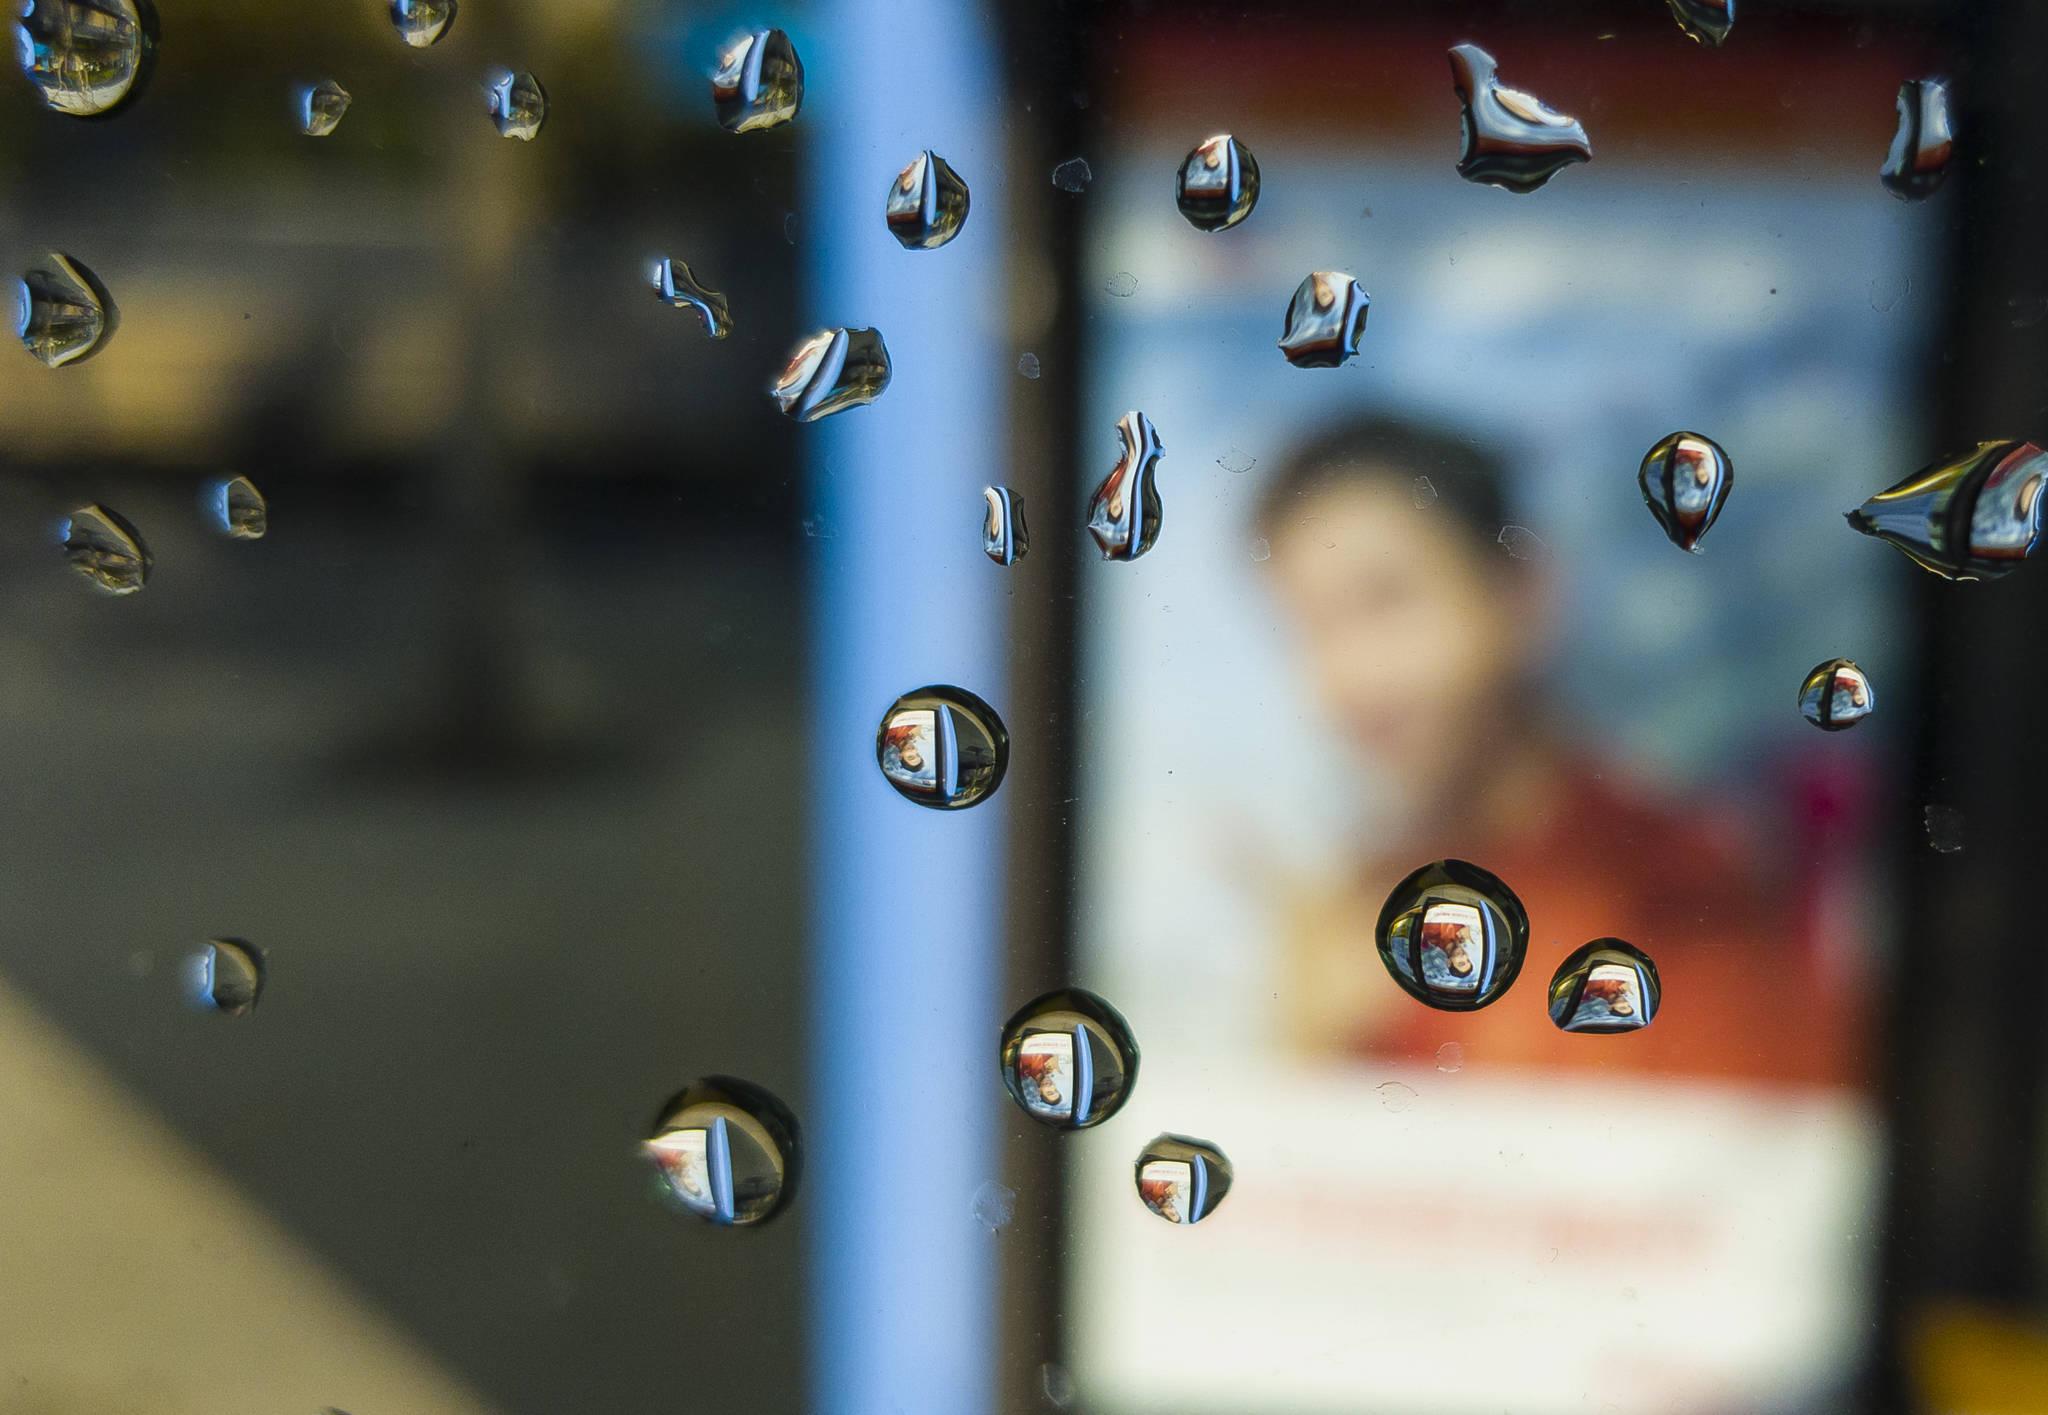 핸드폰사진관 20171127 버스창 물방울